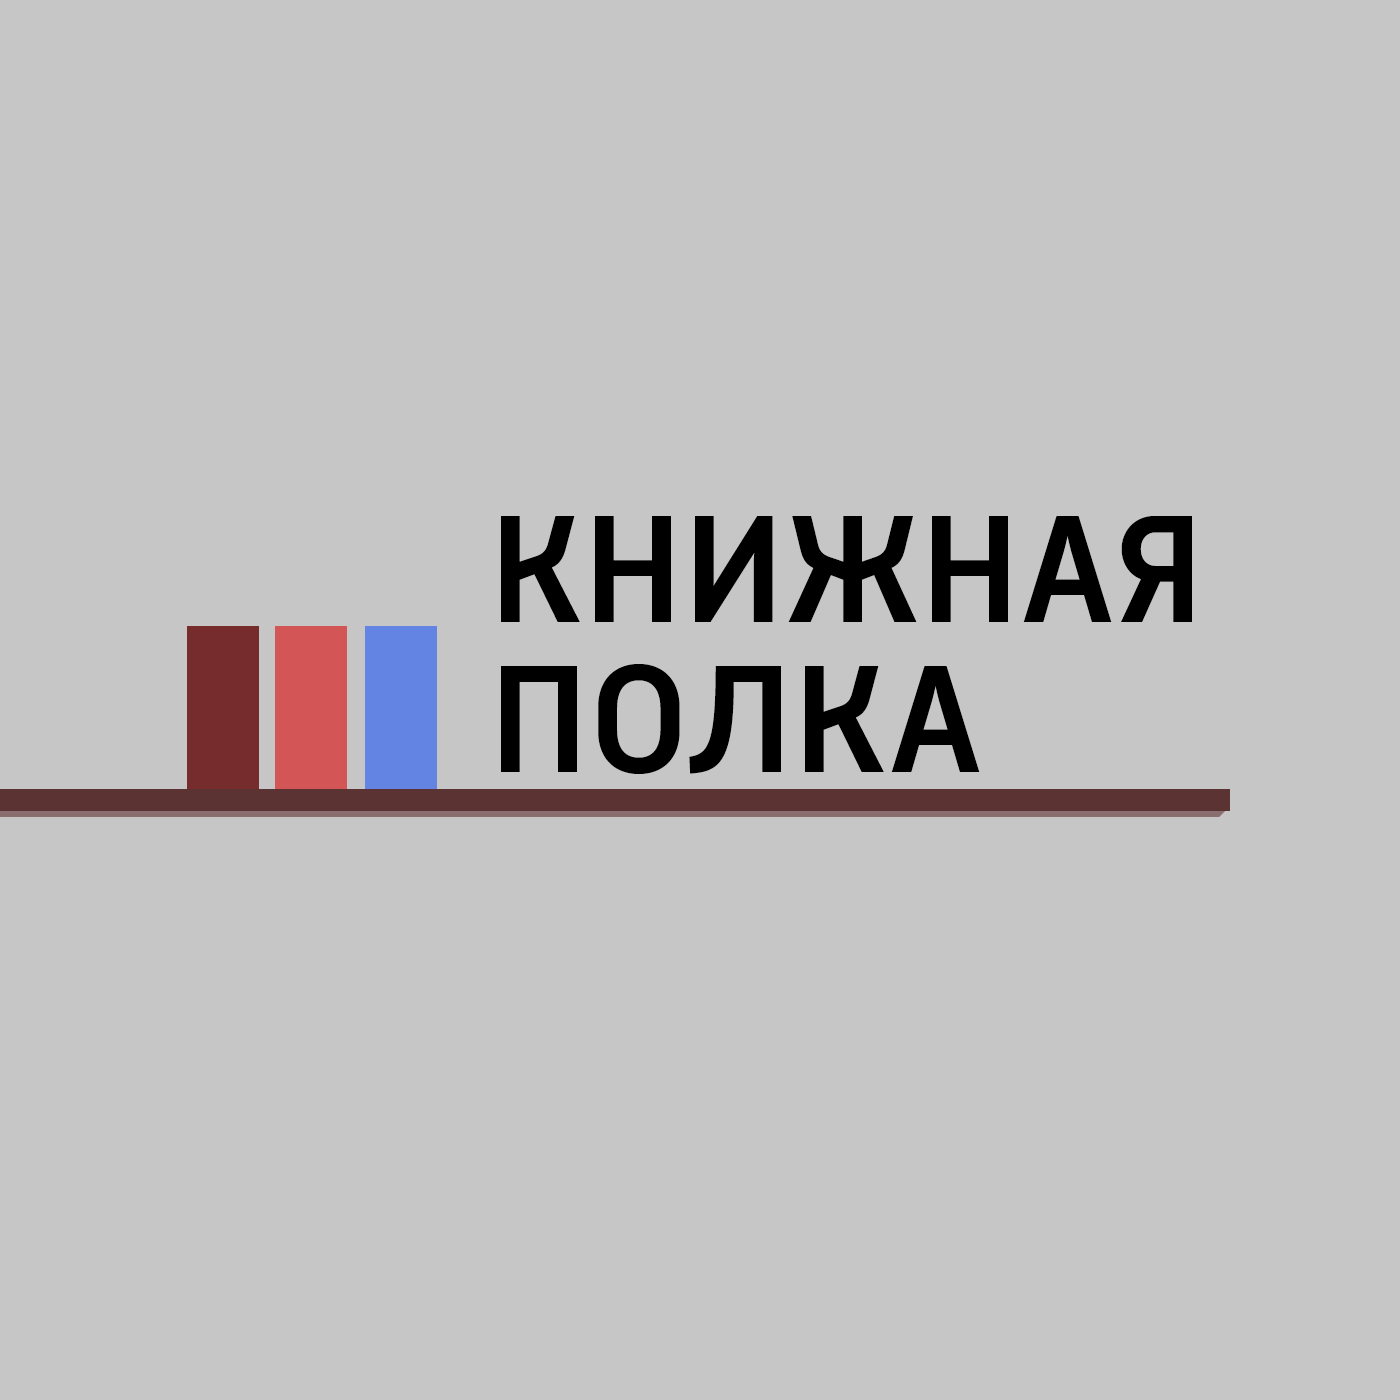 Маргарита Митрофанова Альпина Паблишер: книжные новинки лета книги альпина паблишер синдром альфа лидера